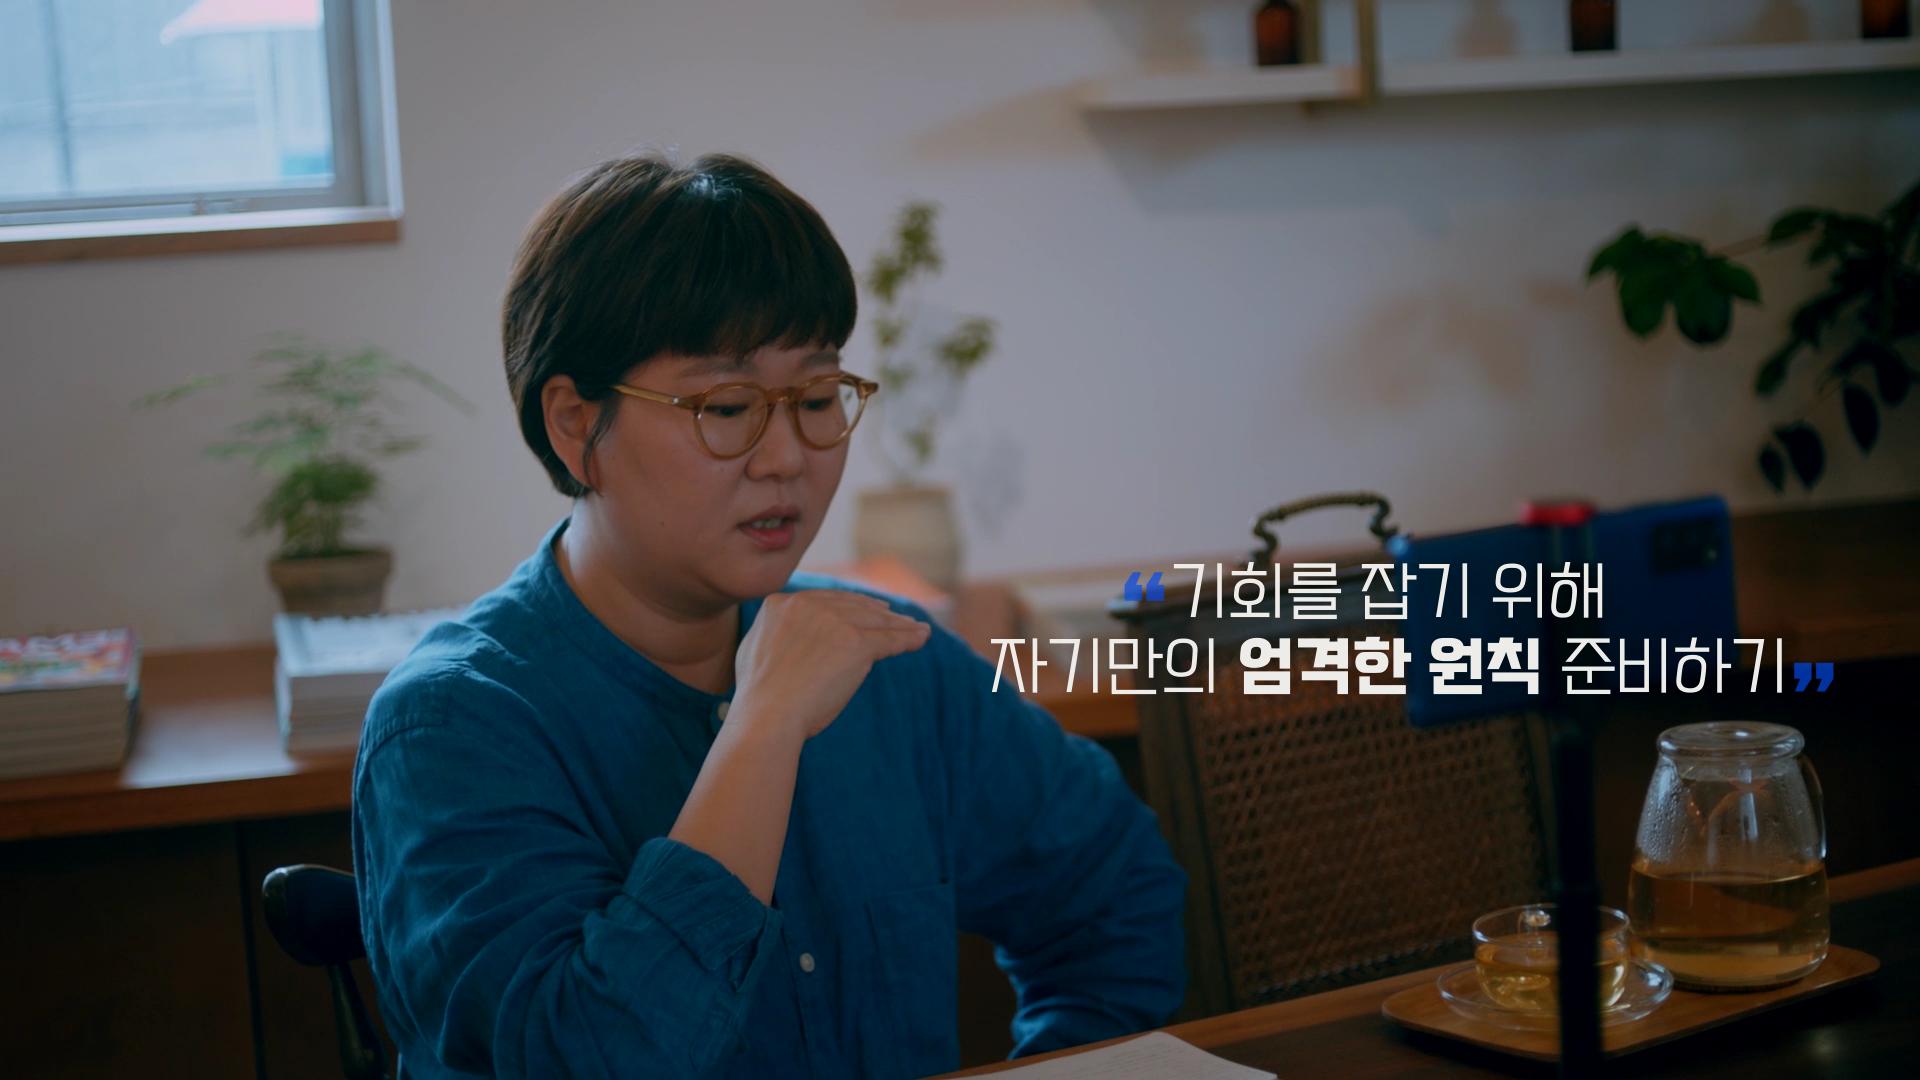 선배박람회, 고선영, 재주상회, skt멘토, 멘토링